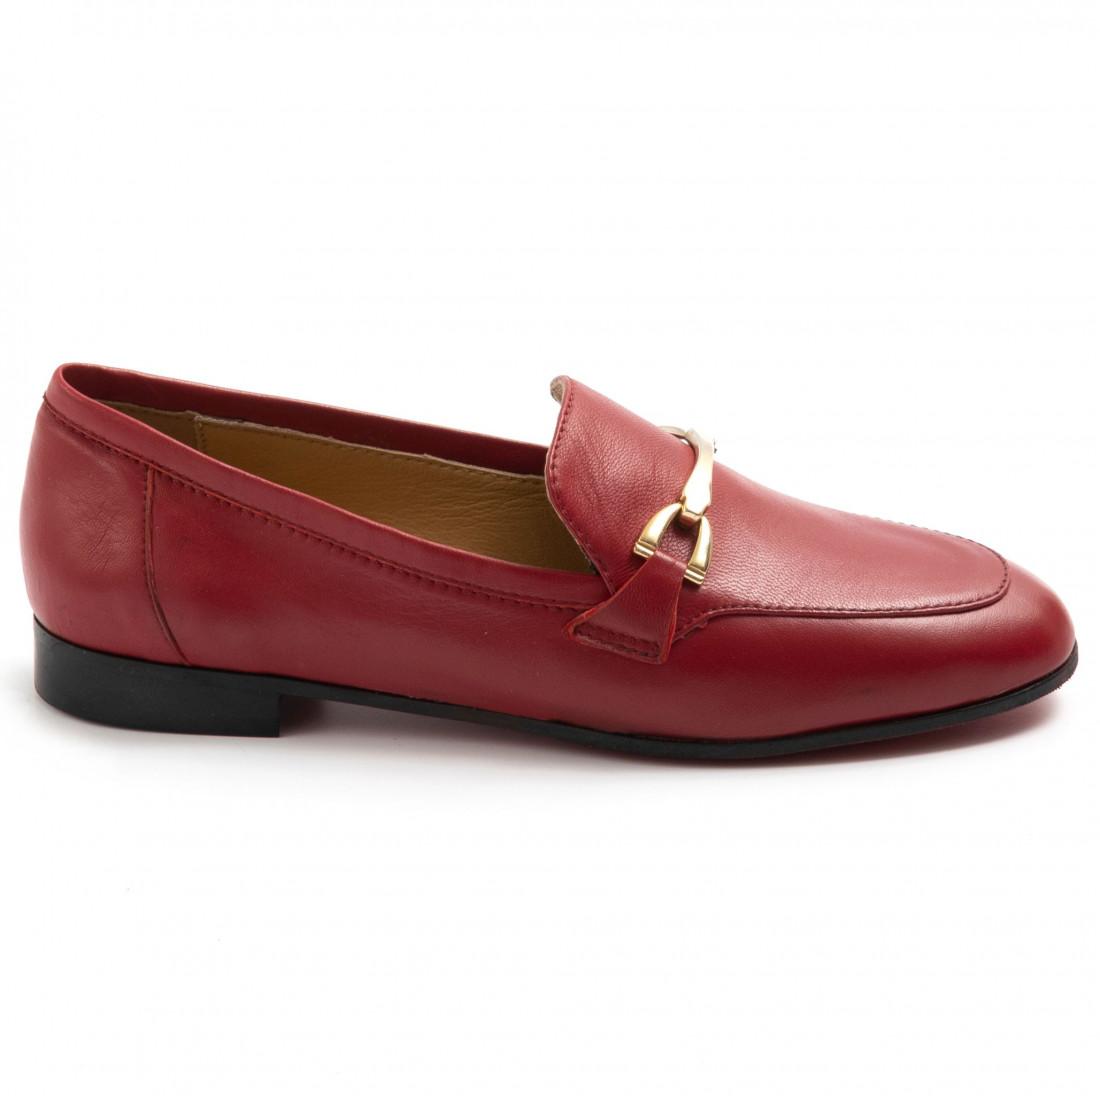 loafers woman sangiorgio jancanappa rubino 7834